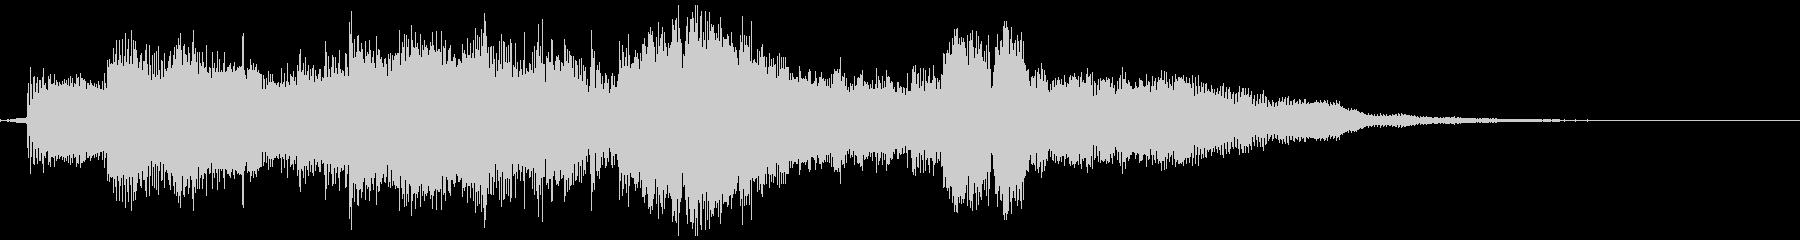 ラジオジングル、サックス、エンディングの未再生の波形